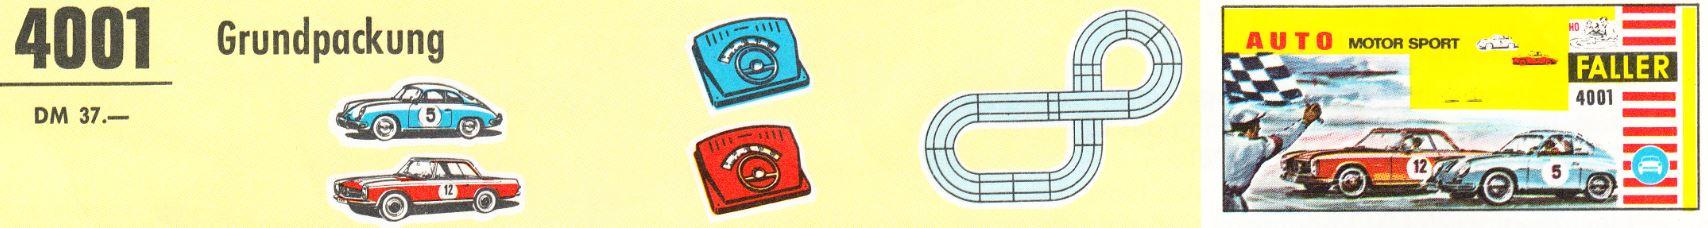 003-prospekt-1965